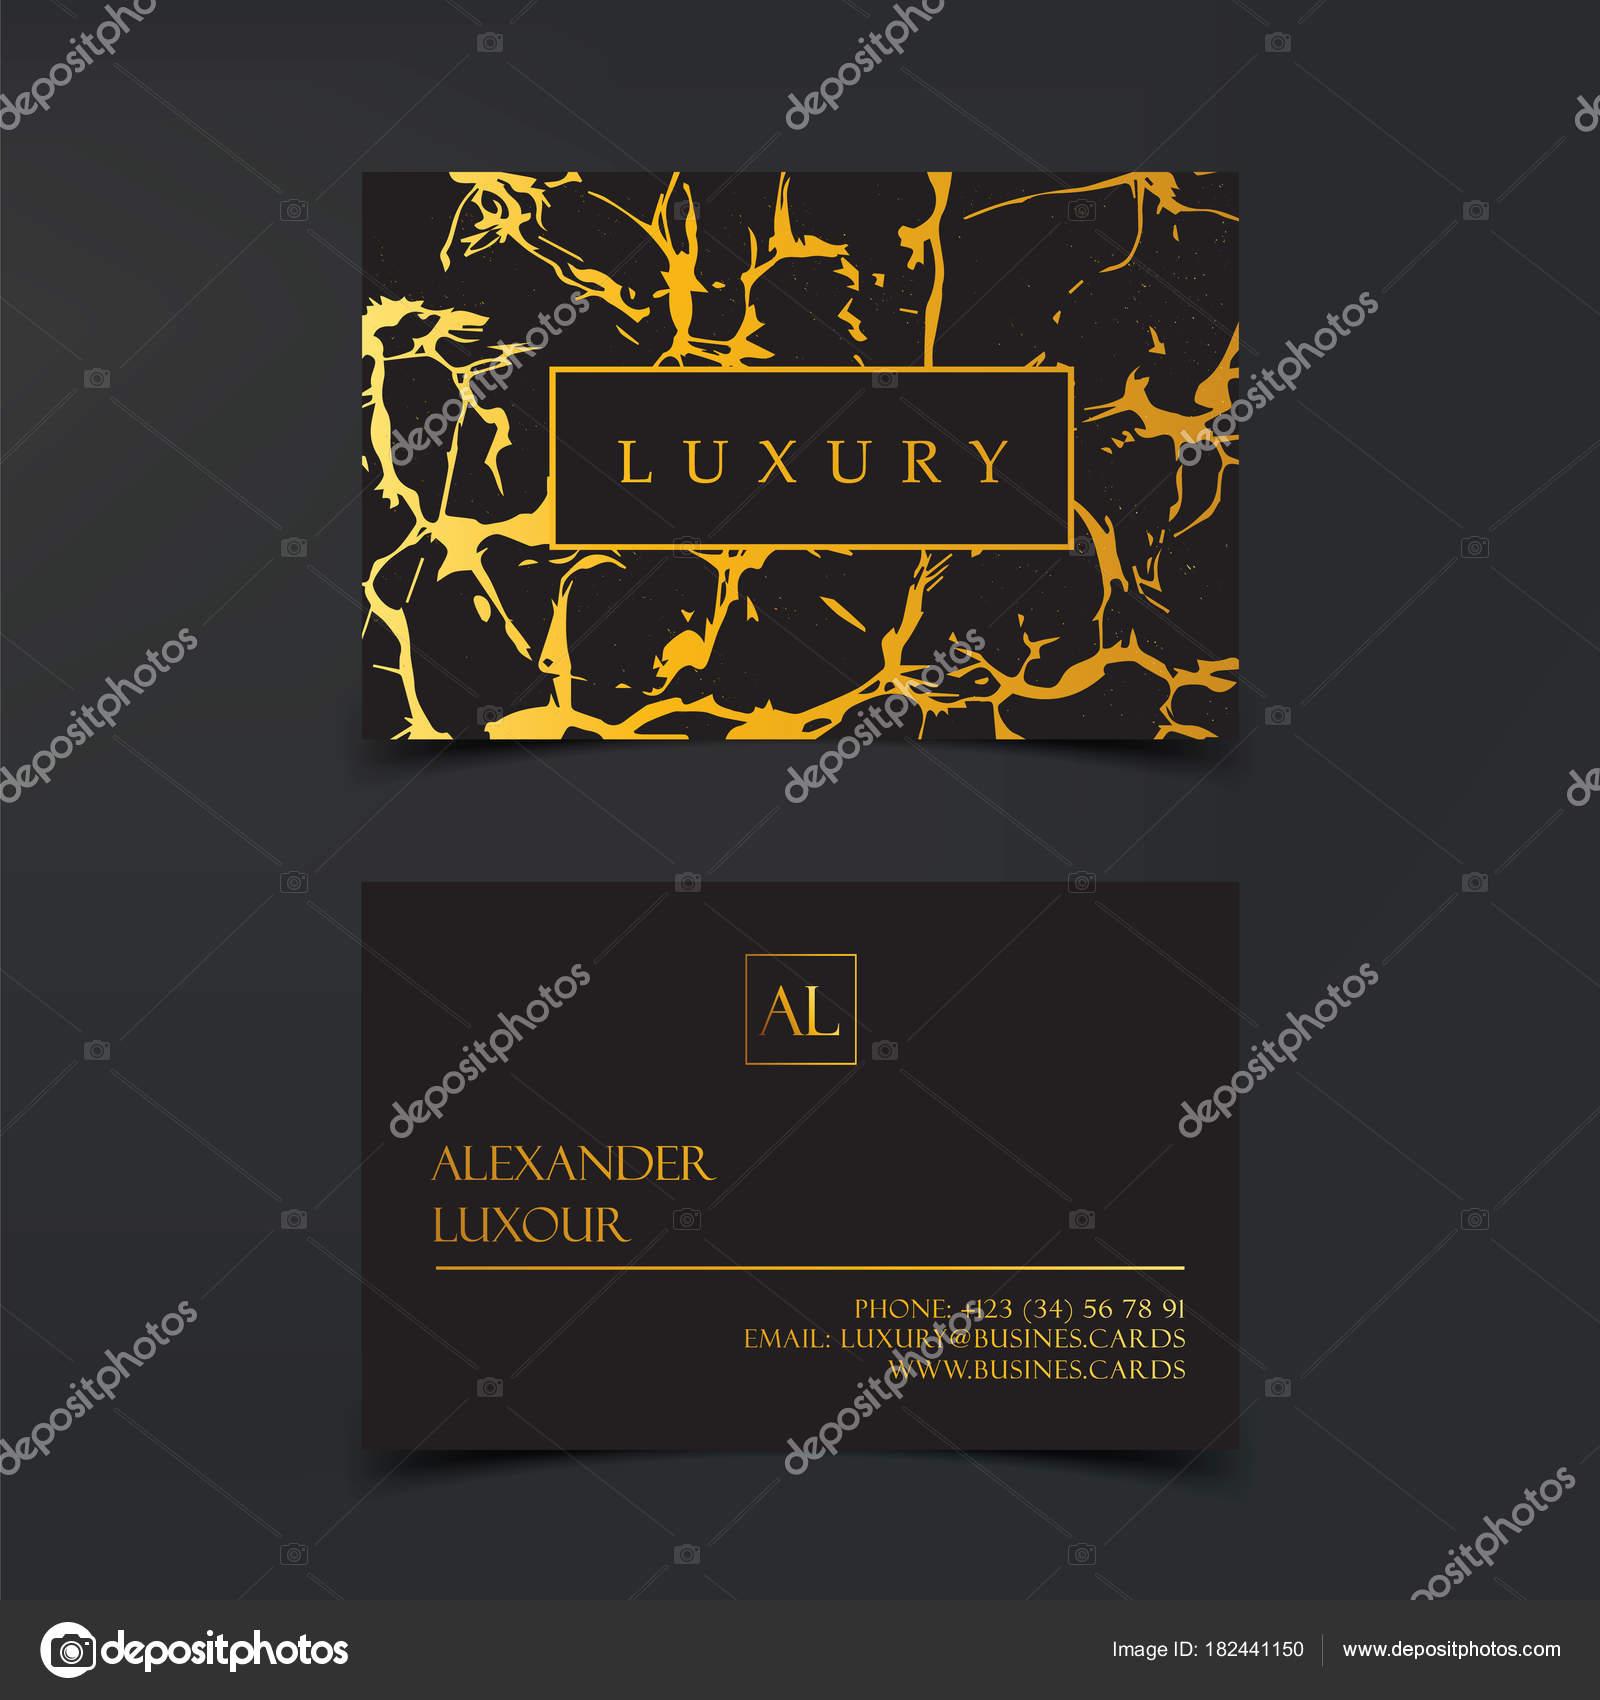 Cartes De Visite Luxe Vecteur Modele Banniere Et Couverture Avec Texture Zebree En Marbre